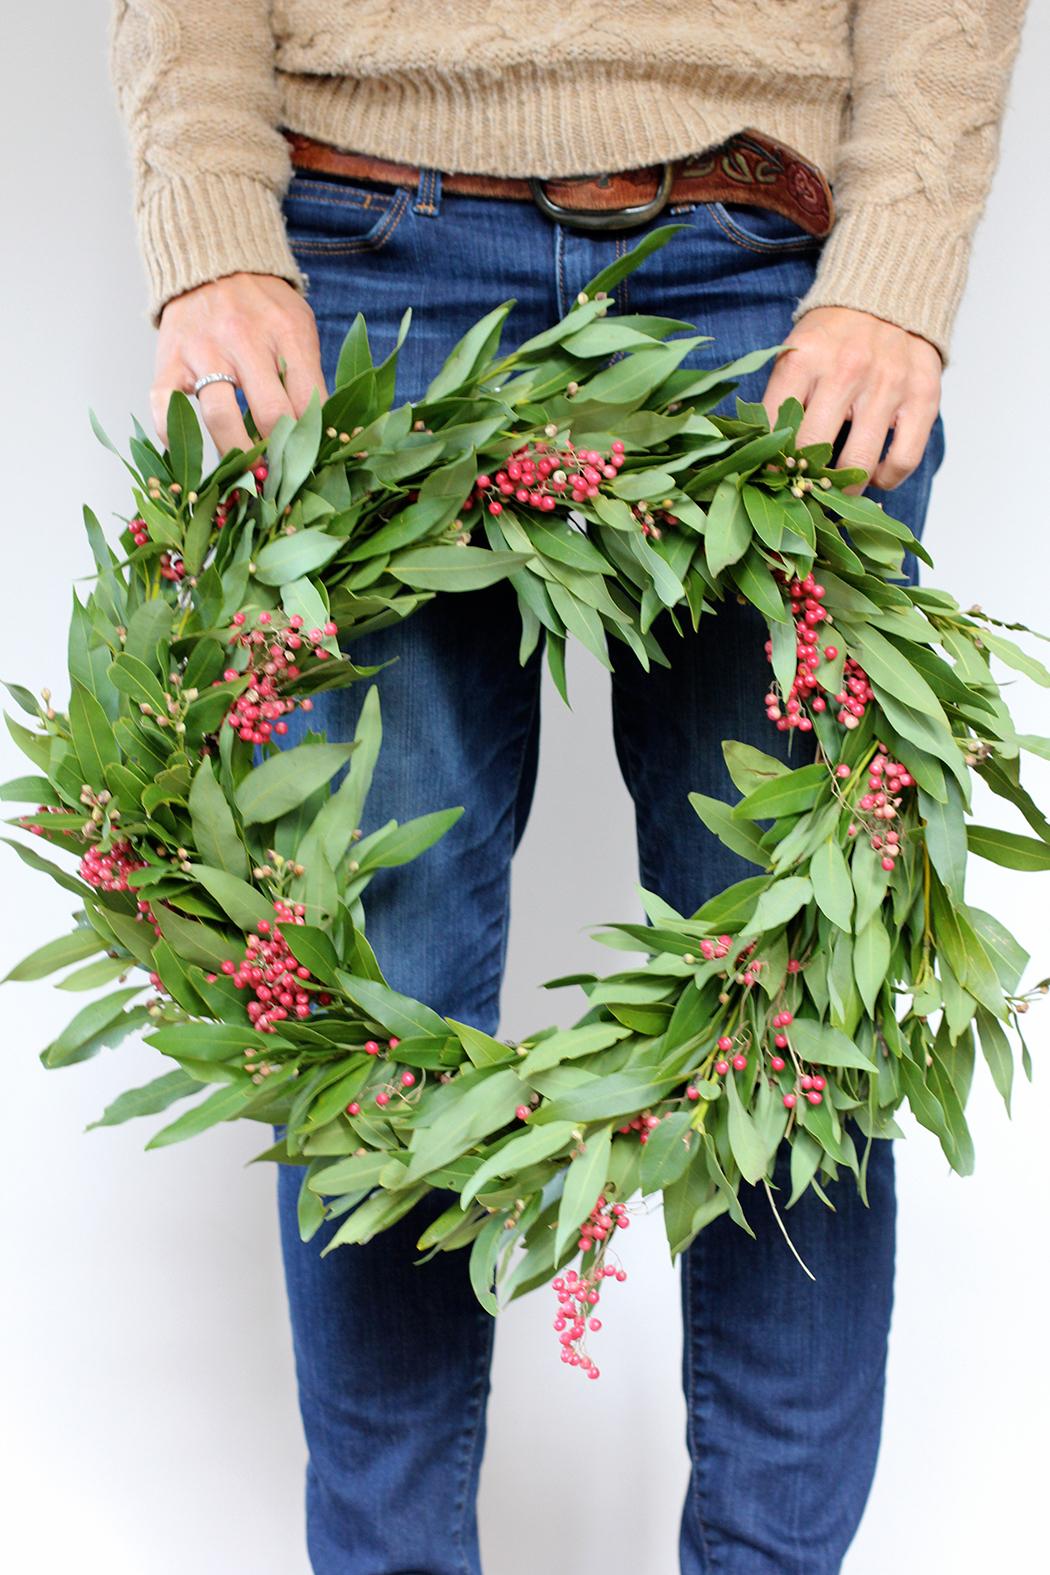 DIY: Bay Leaf and Berries Wreath DIY